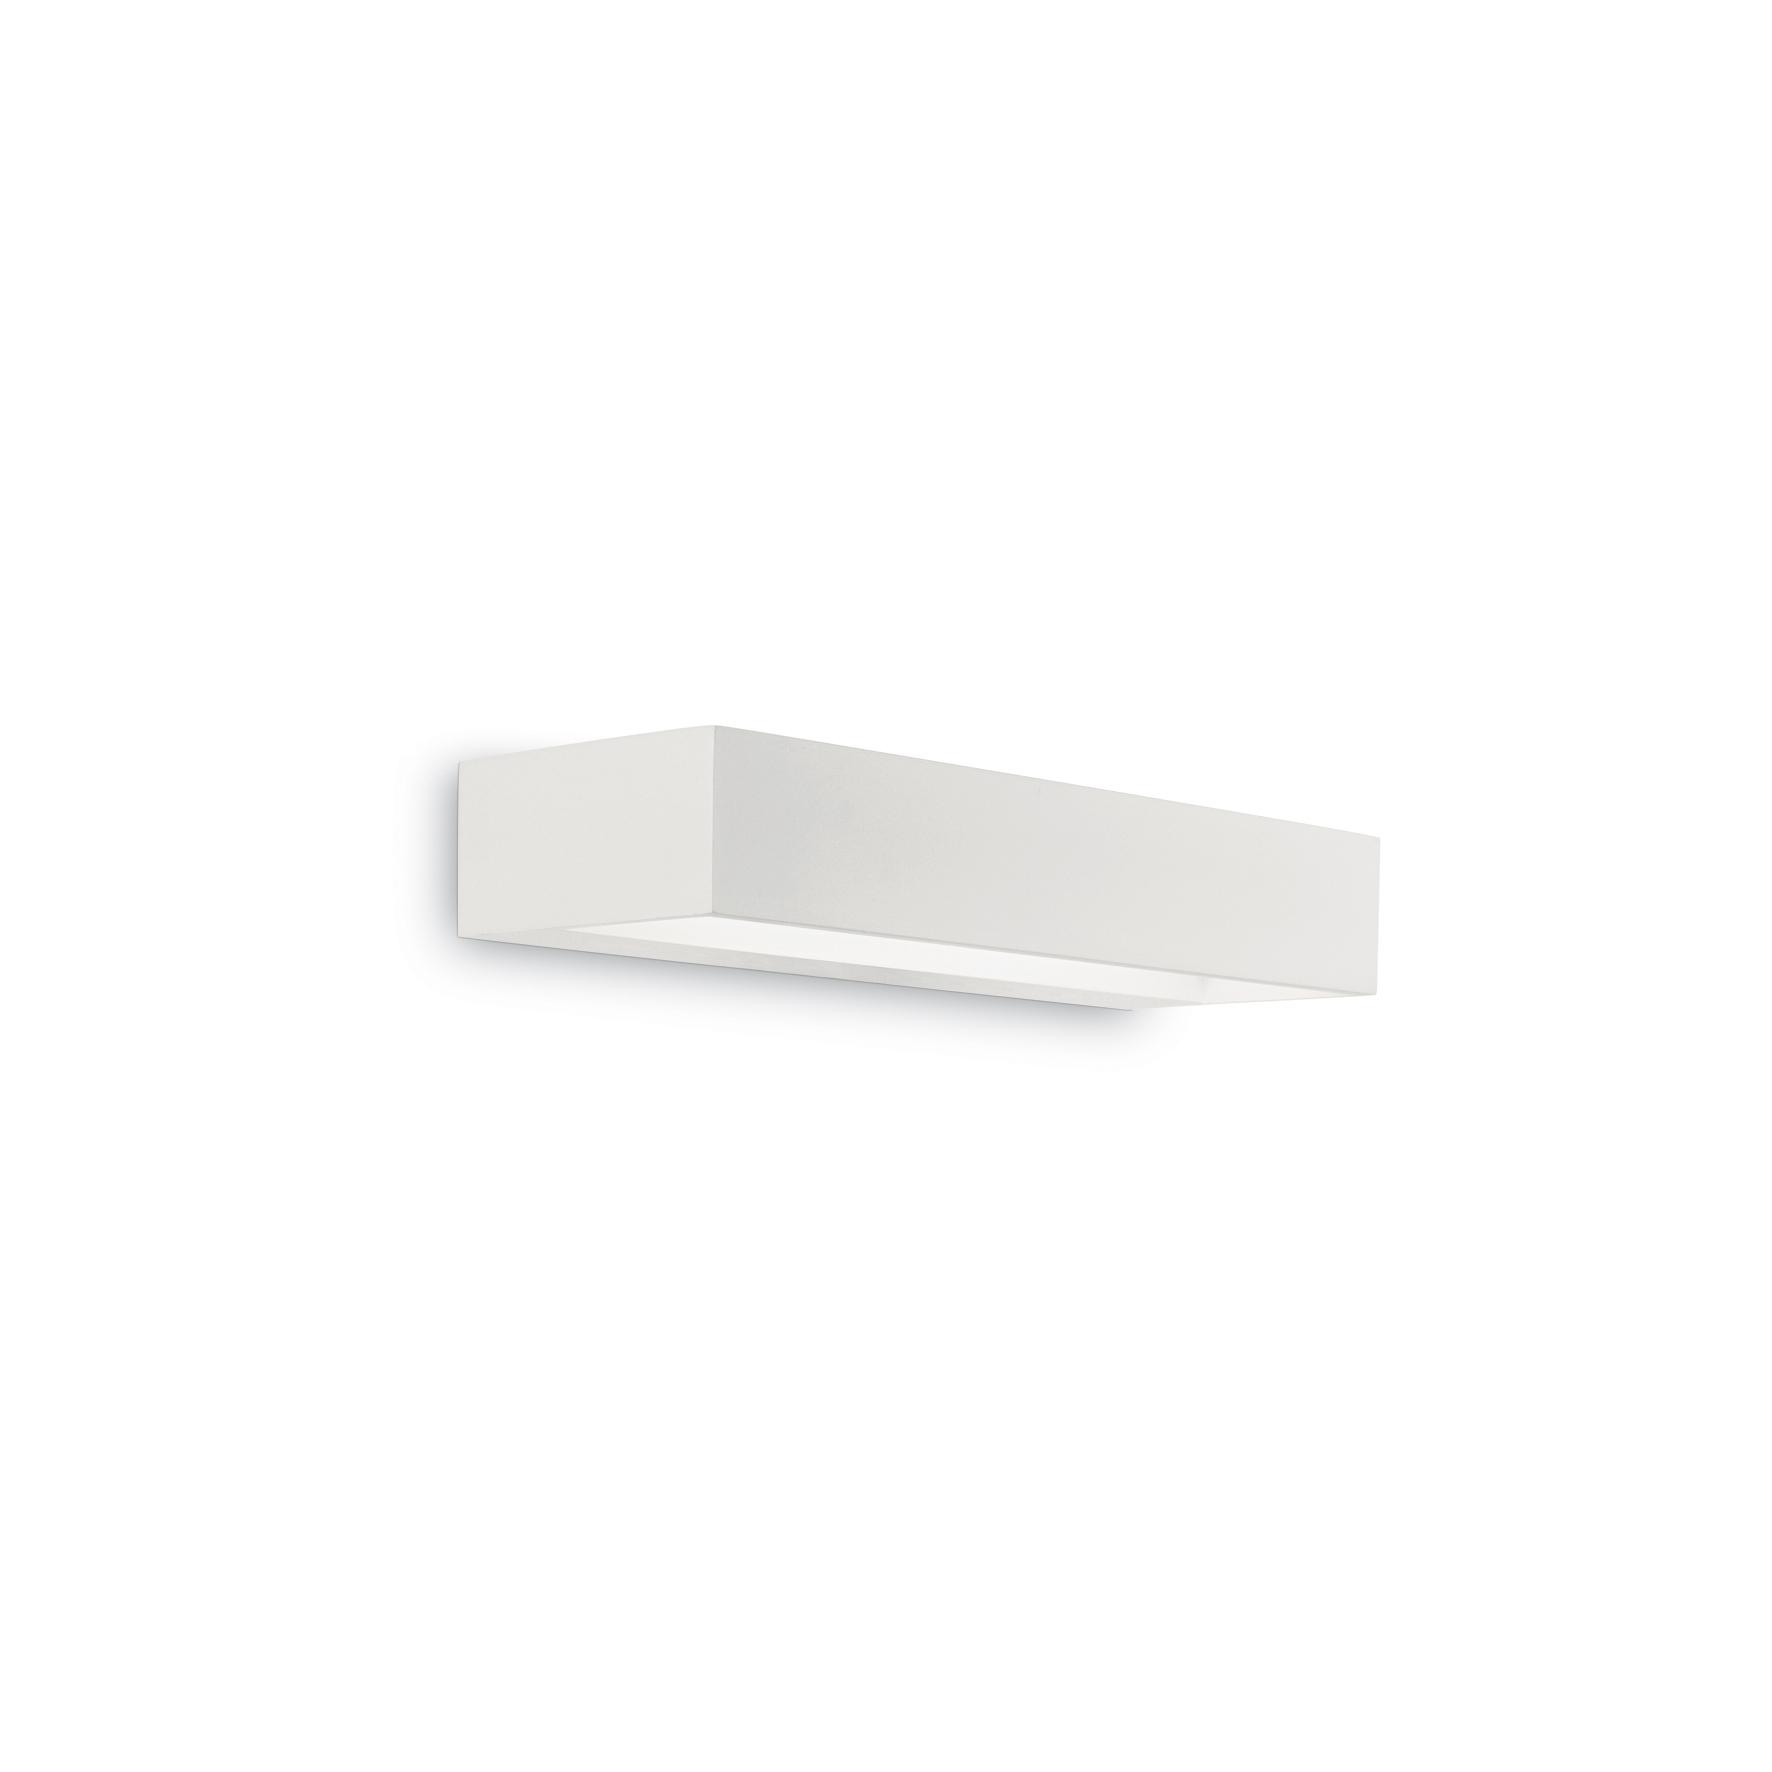 Aplica Cube AP1 Small White